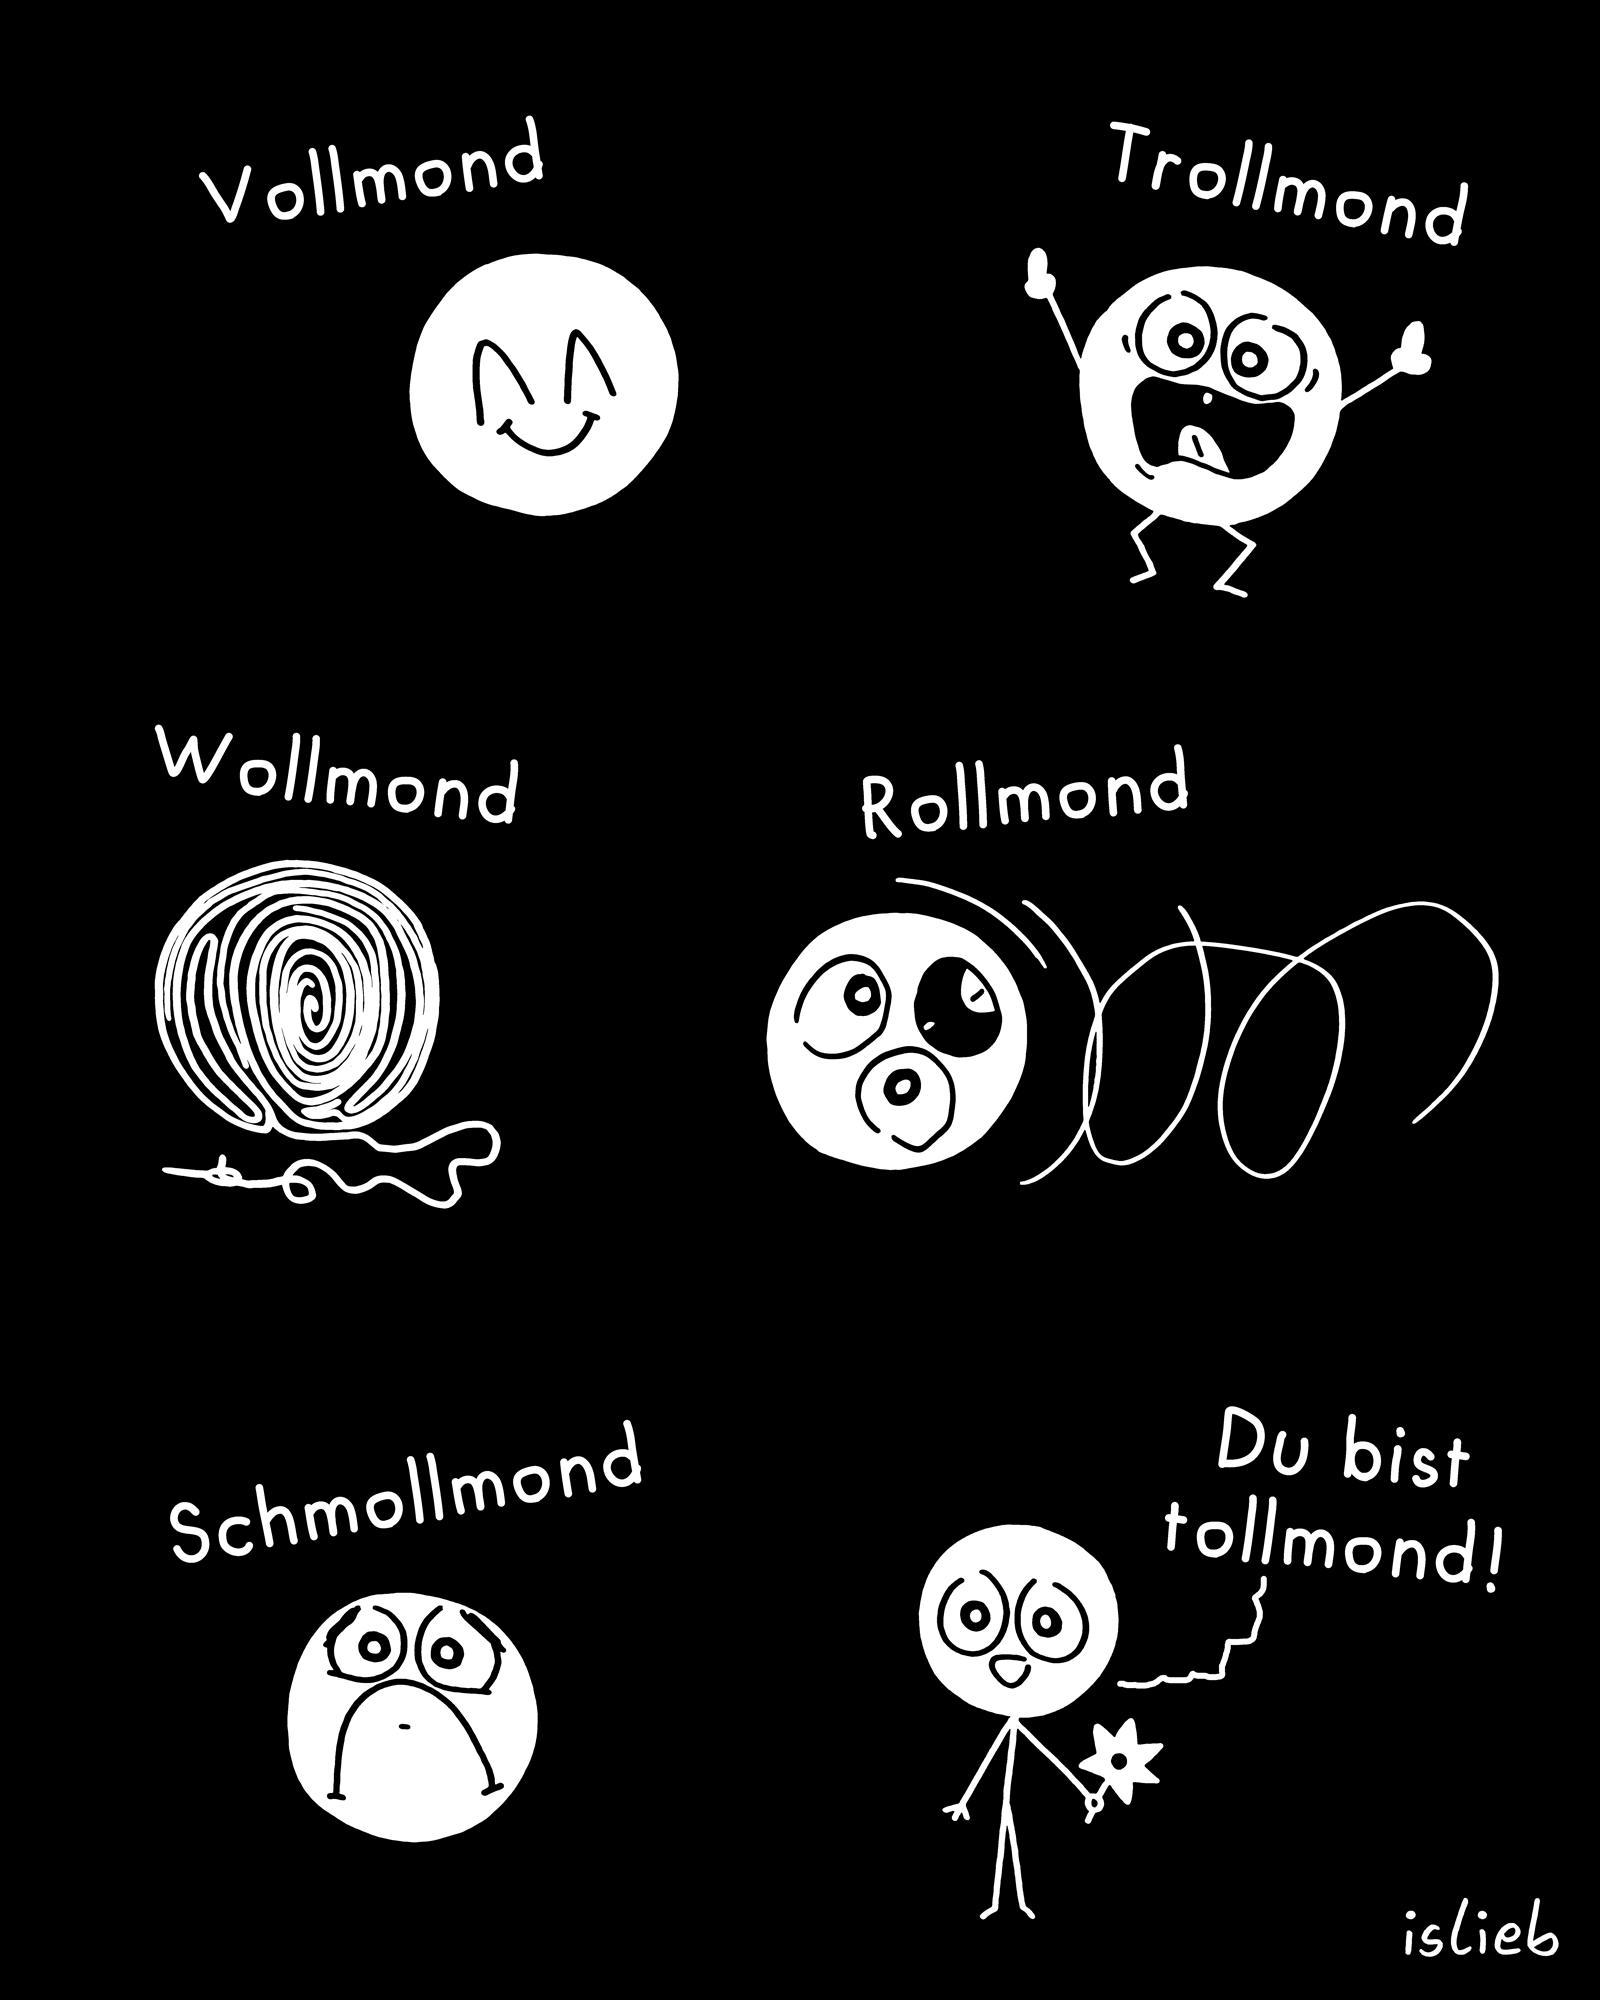 Vollmond Trollmond Wollmond Rollmond Schmollmond Du bist tollmond, Mond.